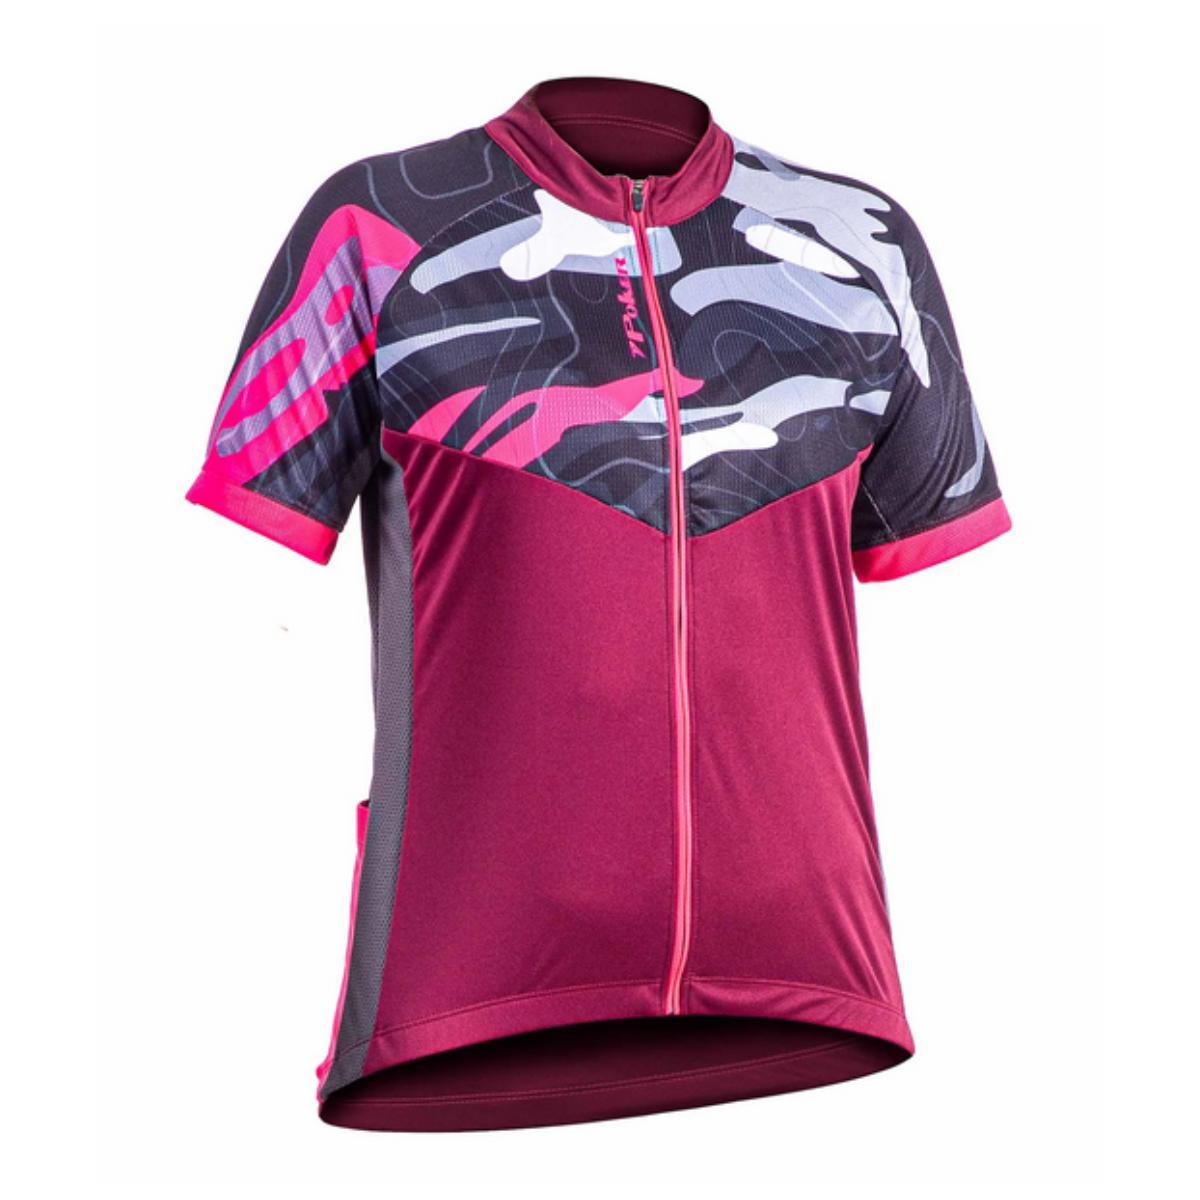 Camisa Feminina Poker 04186 Vinho/chumbo/rosa